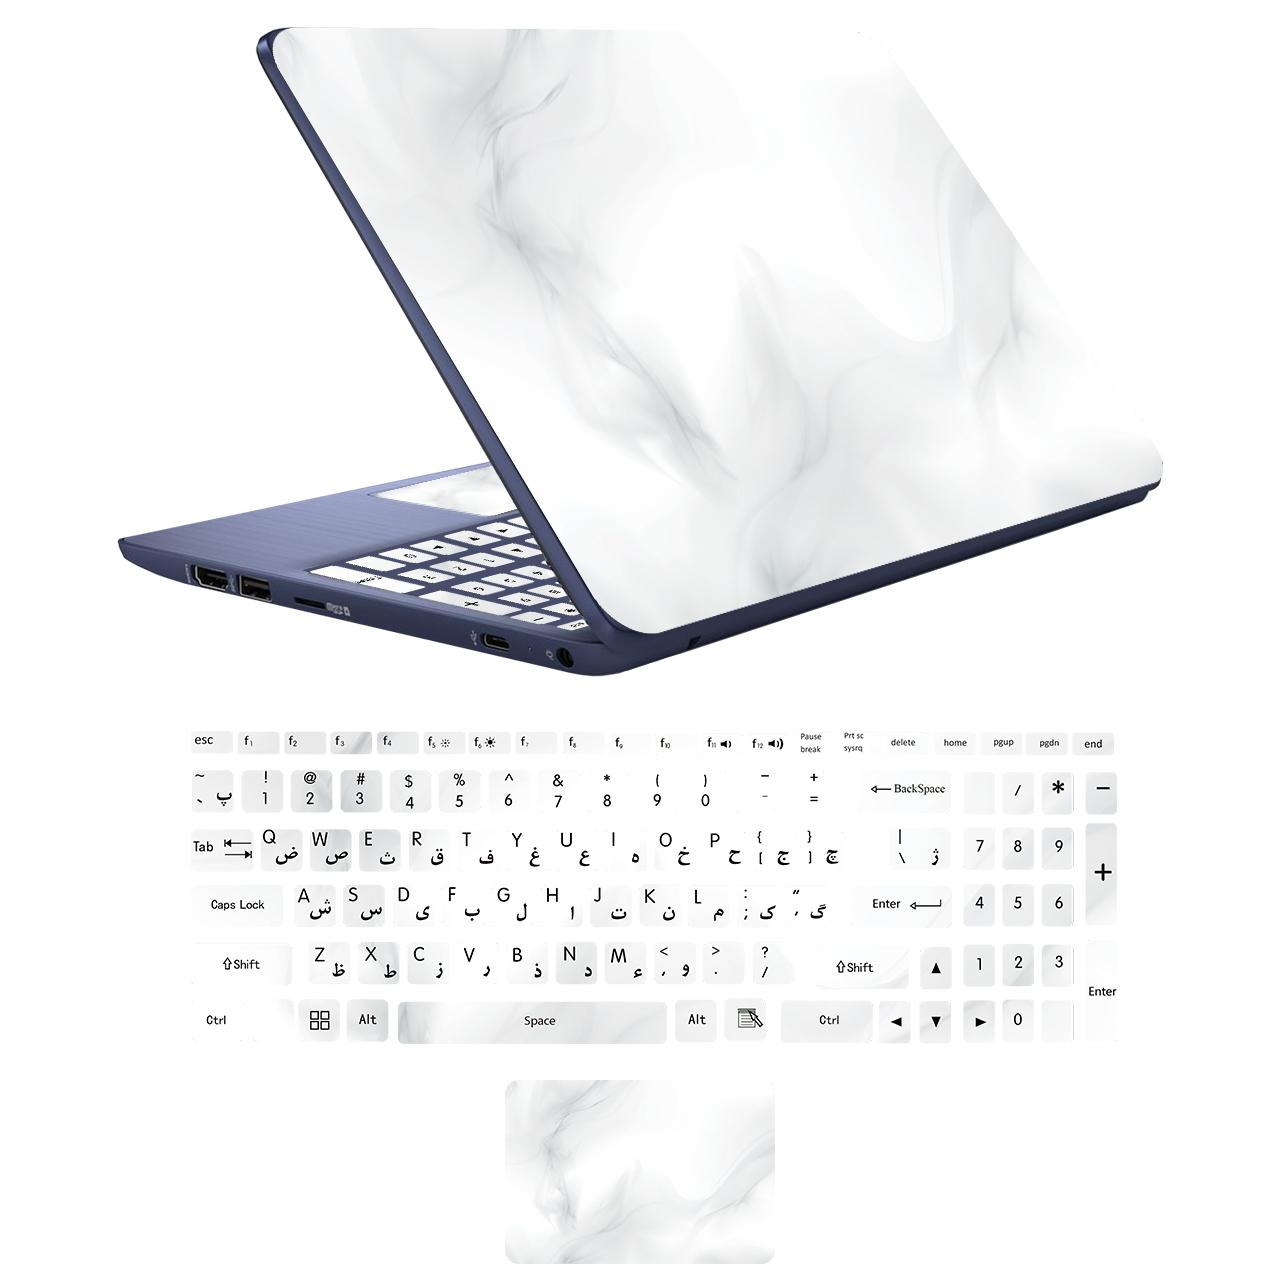 استیکر لپ تاپ مدلstone 01 مناسب برای لپ تاپ17 اینچی به همراه برچسب حروف فارسی کیبورد